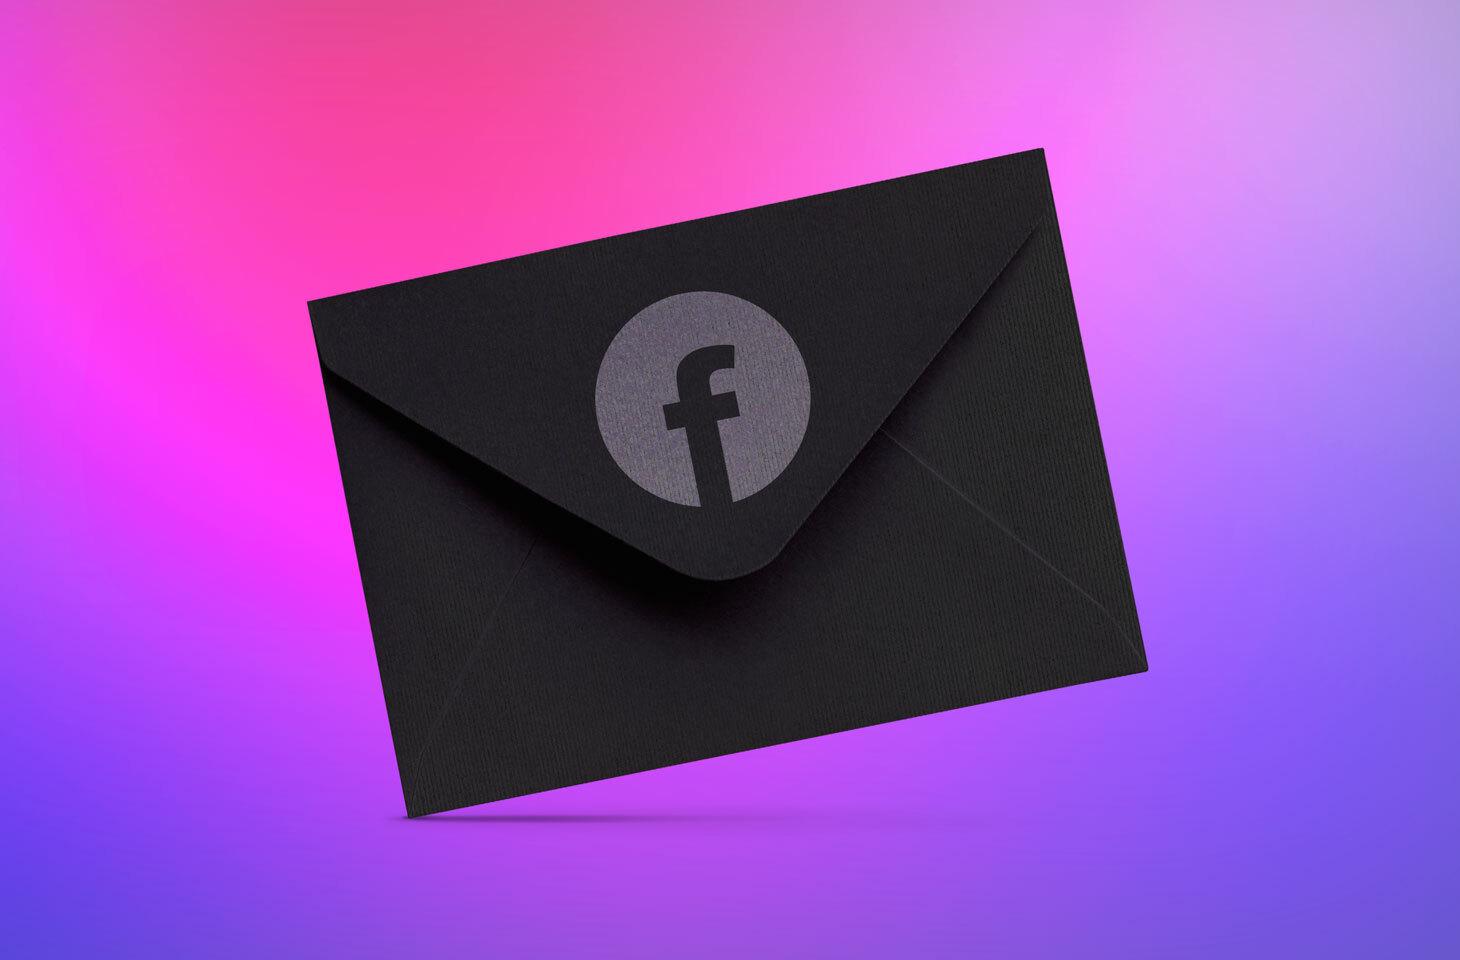 假違反版權通知真盜取Facebook帳號